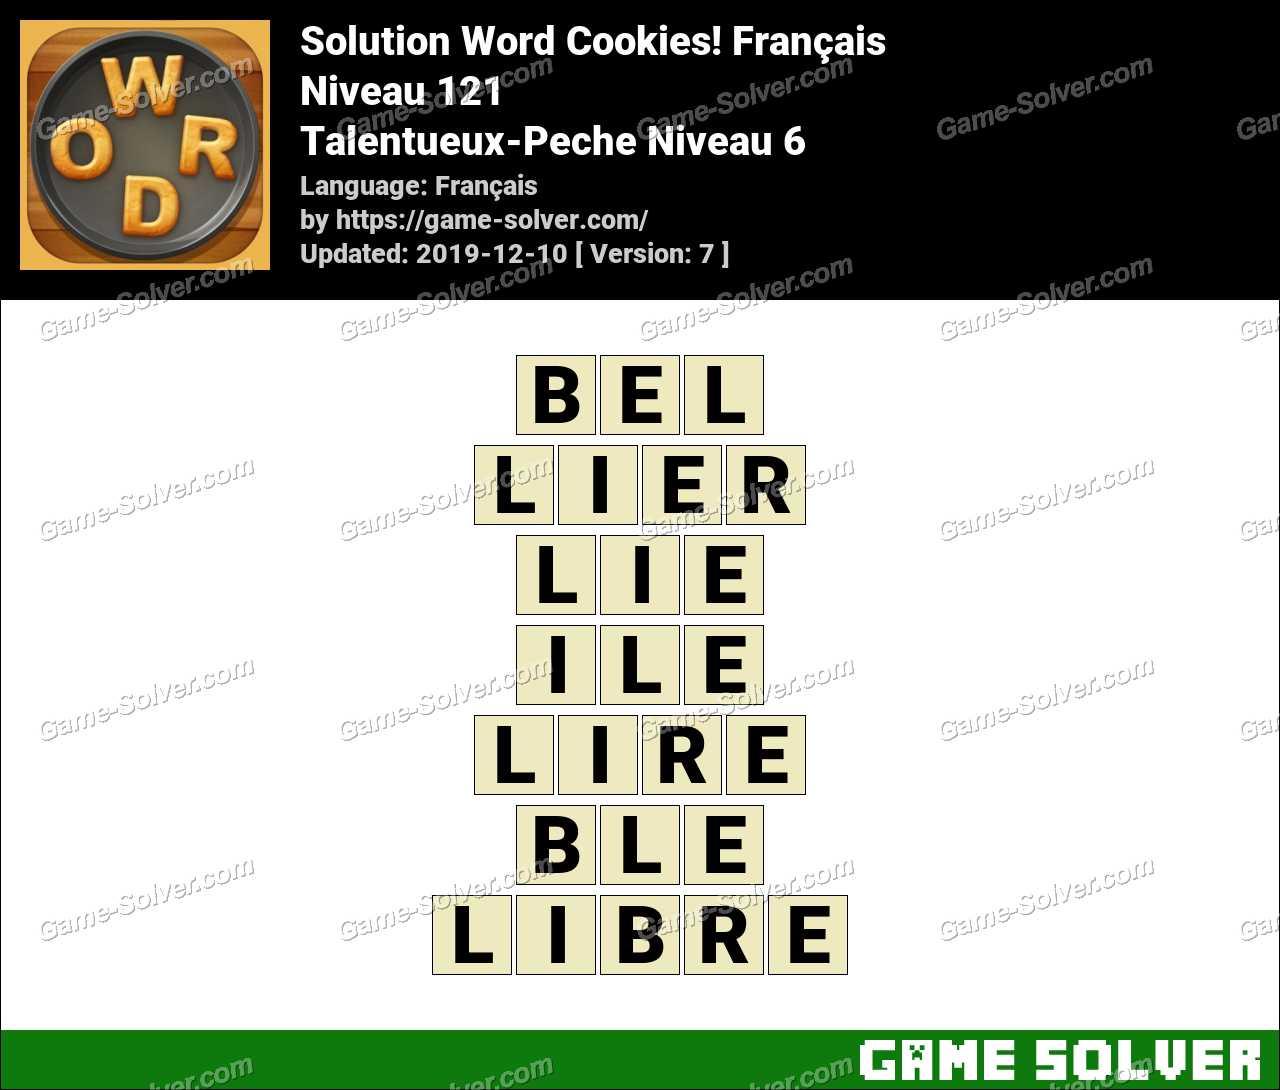 Solution Word Cookies Talentueux-Peche Niveau 6